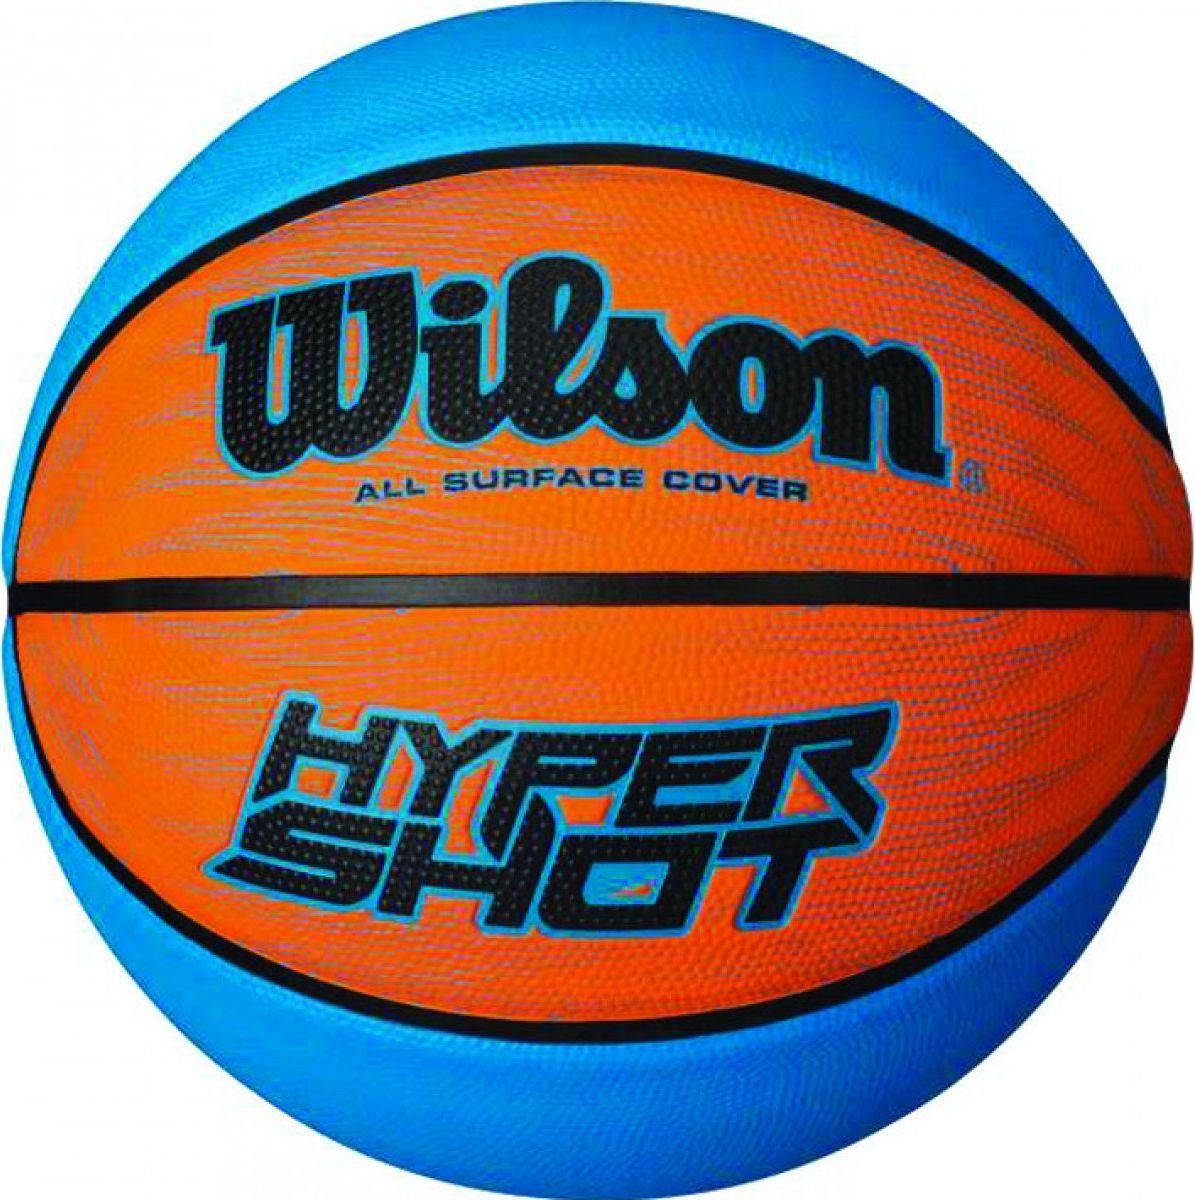 Мяч баскетбольный Wilson Hyper Shot I, цвет: бронза. Размер: 7УТ-00009330Губчатое резиновое покрытие, невероятный грип и контроль в условиях игры, а отверстие для надува снабжено специальной системой, сохраняющей максимамум воздуха и давления.